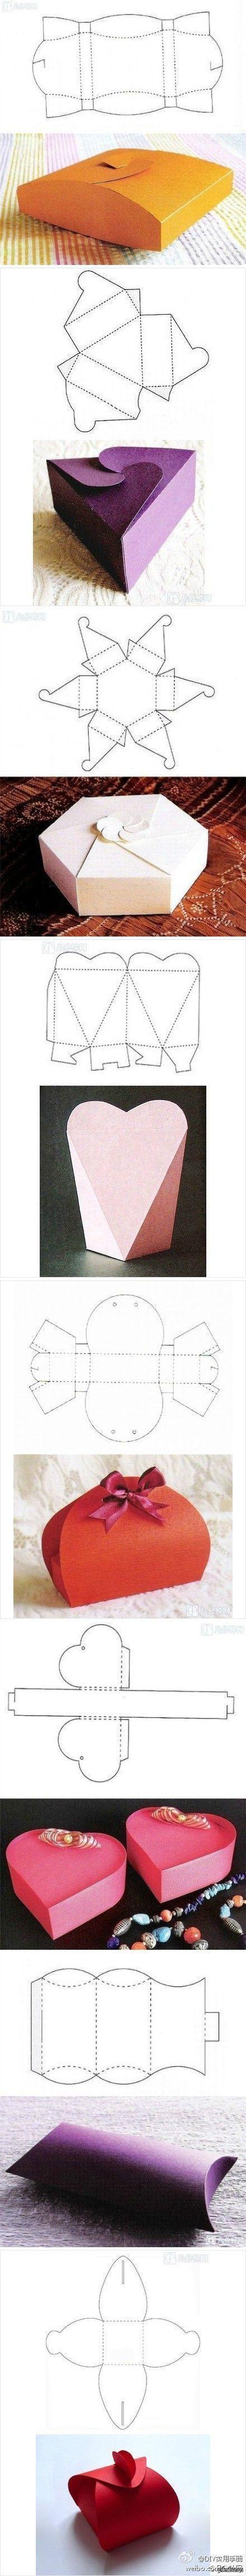 Необычные коробочки своими руками   коробка, сделай сам, Упаковка, подарок, выкройка, длиннопост